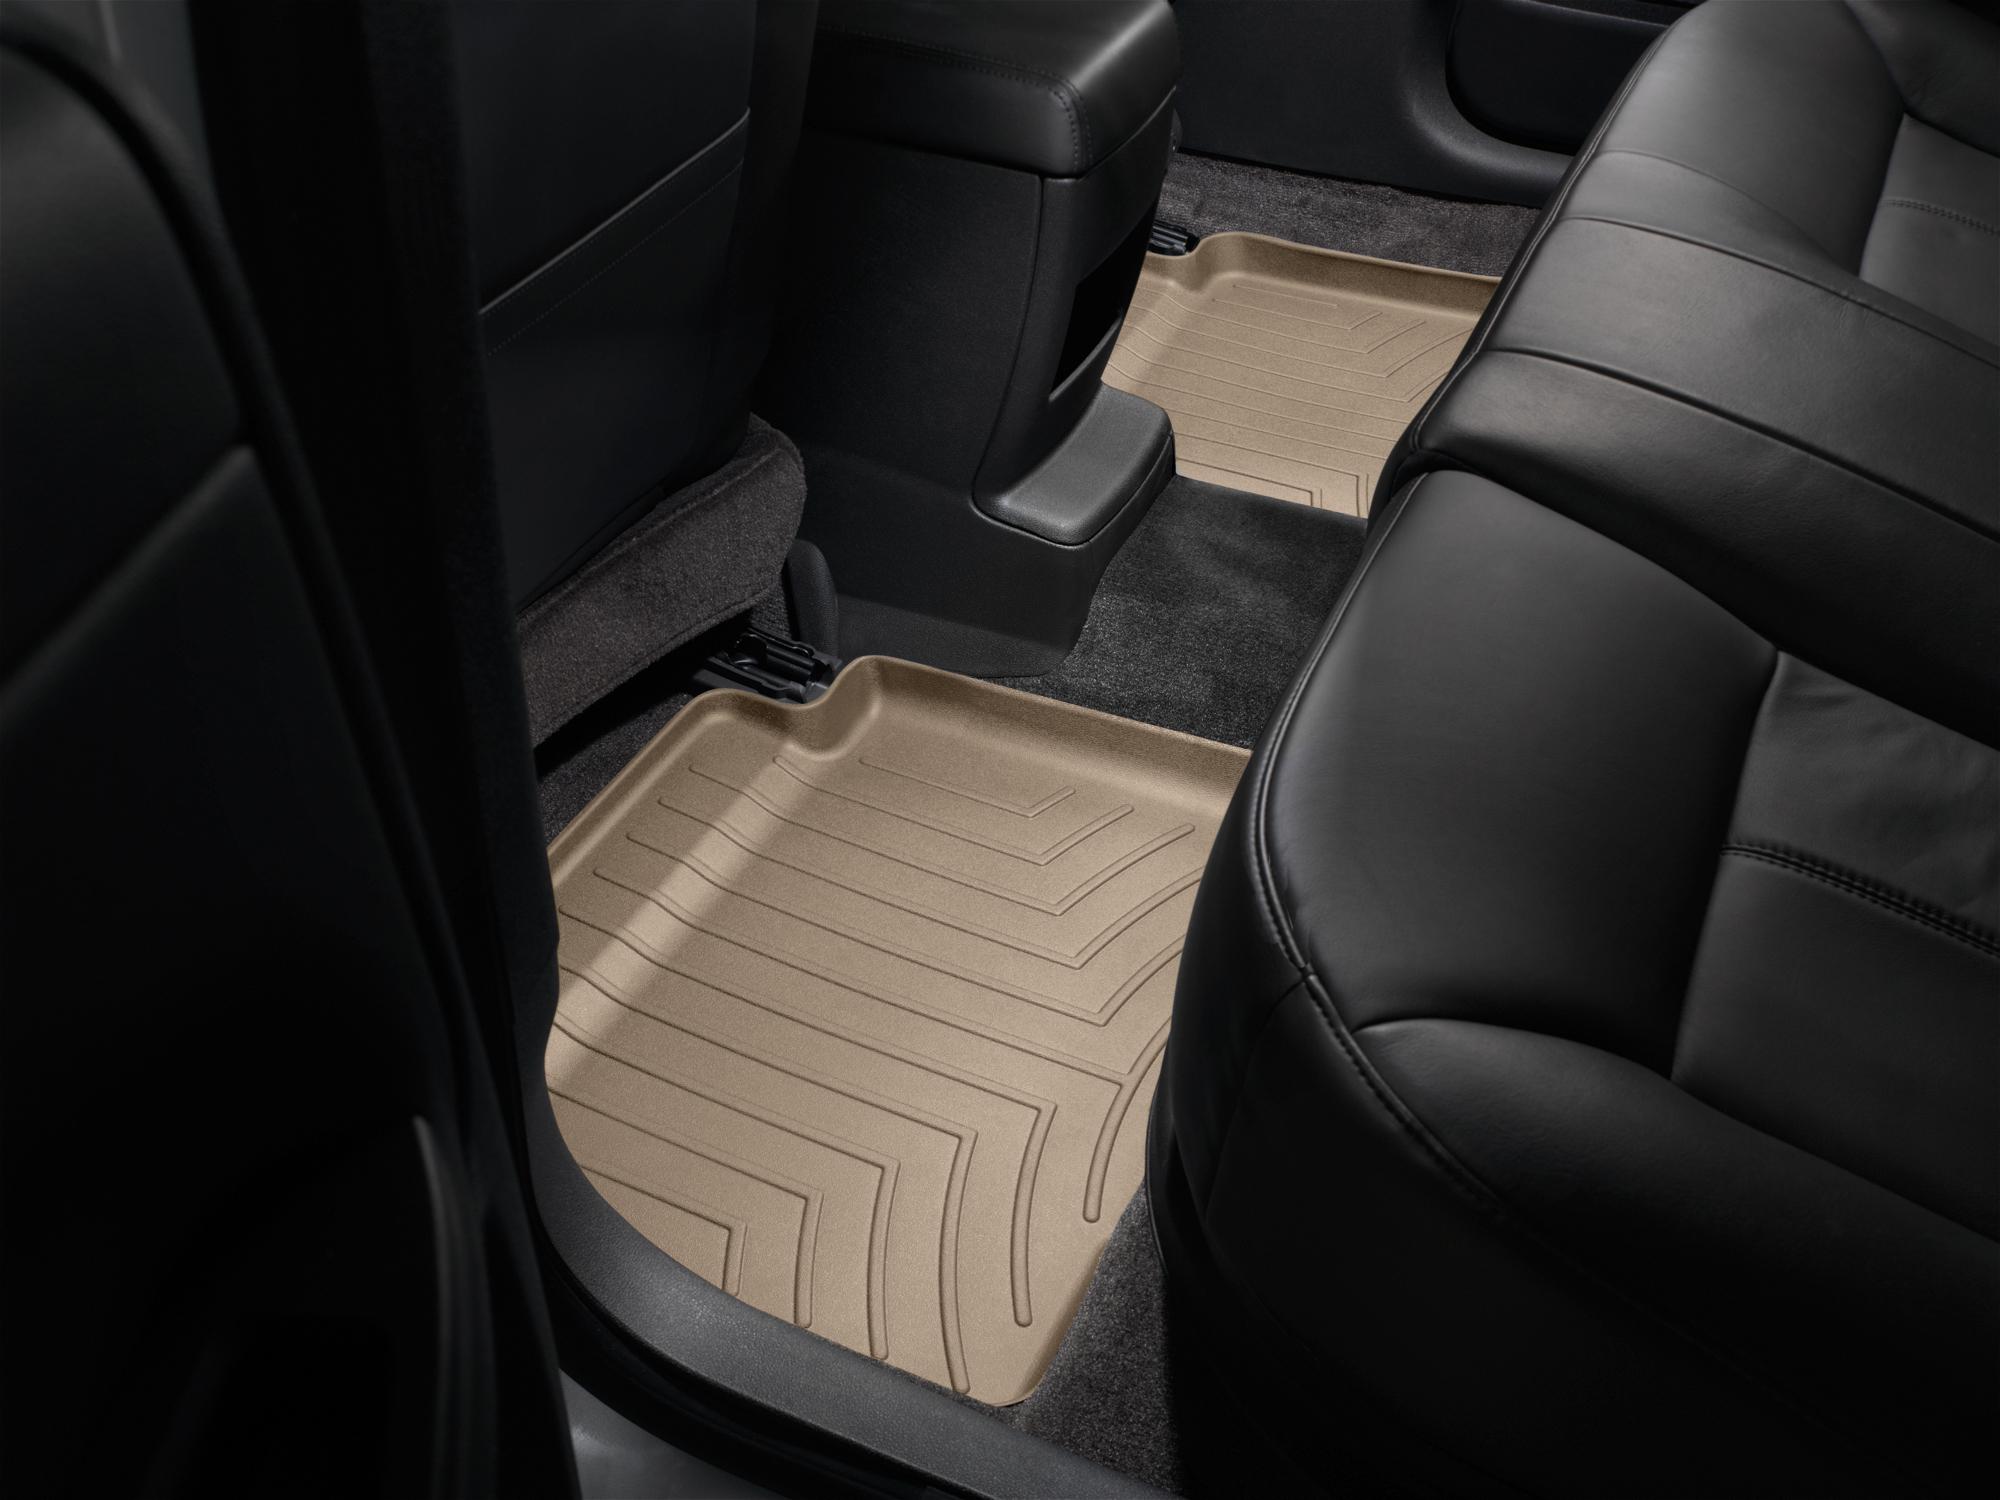 Tappeti gomma su misura bordo alto Chevrolet Impala Limit.14>16 Marrone A135